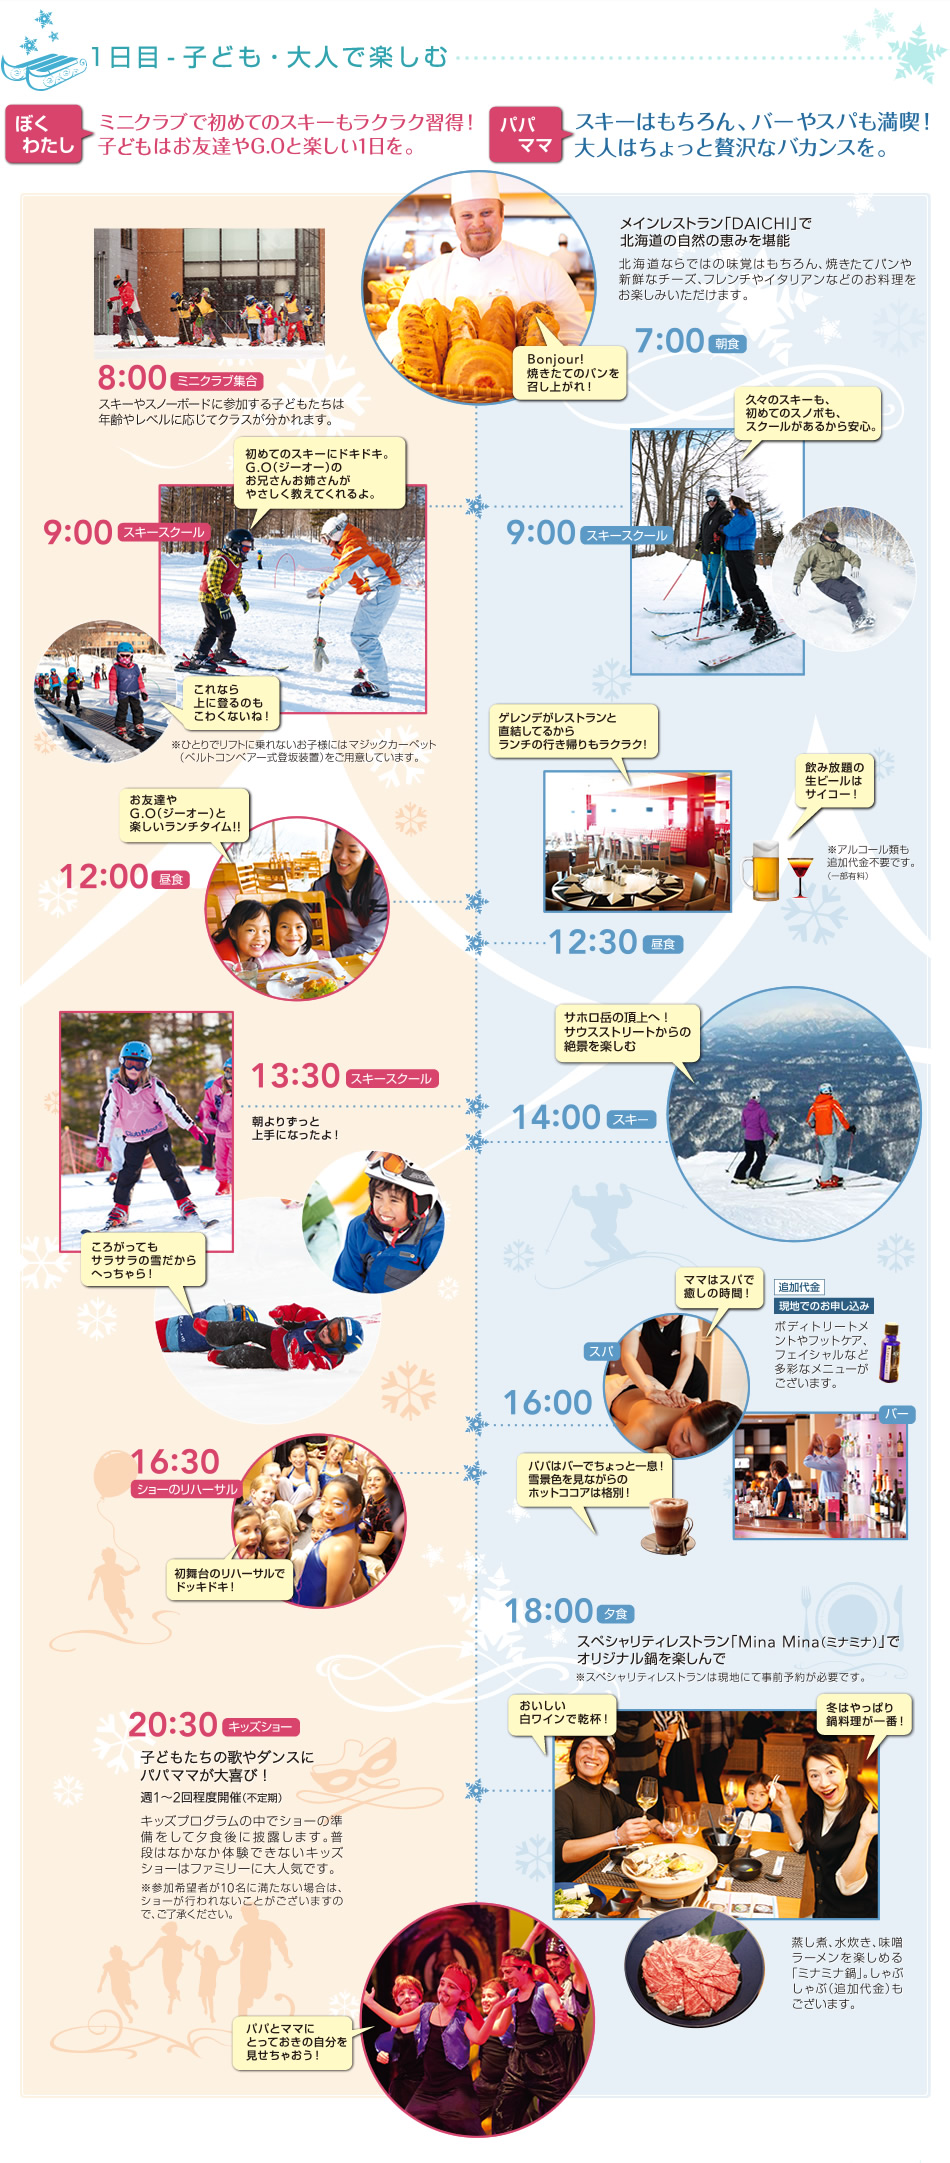 クラブメッド北海道 冬 1日目-子ども・大人で楽しむ